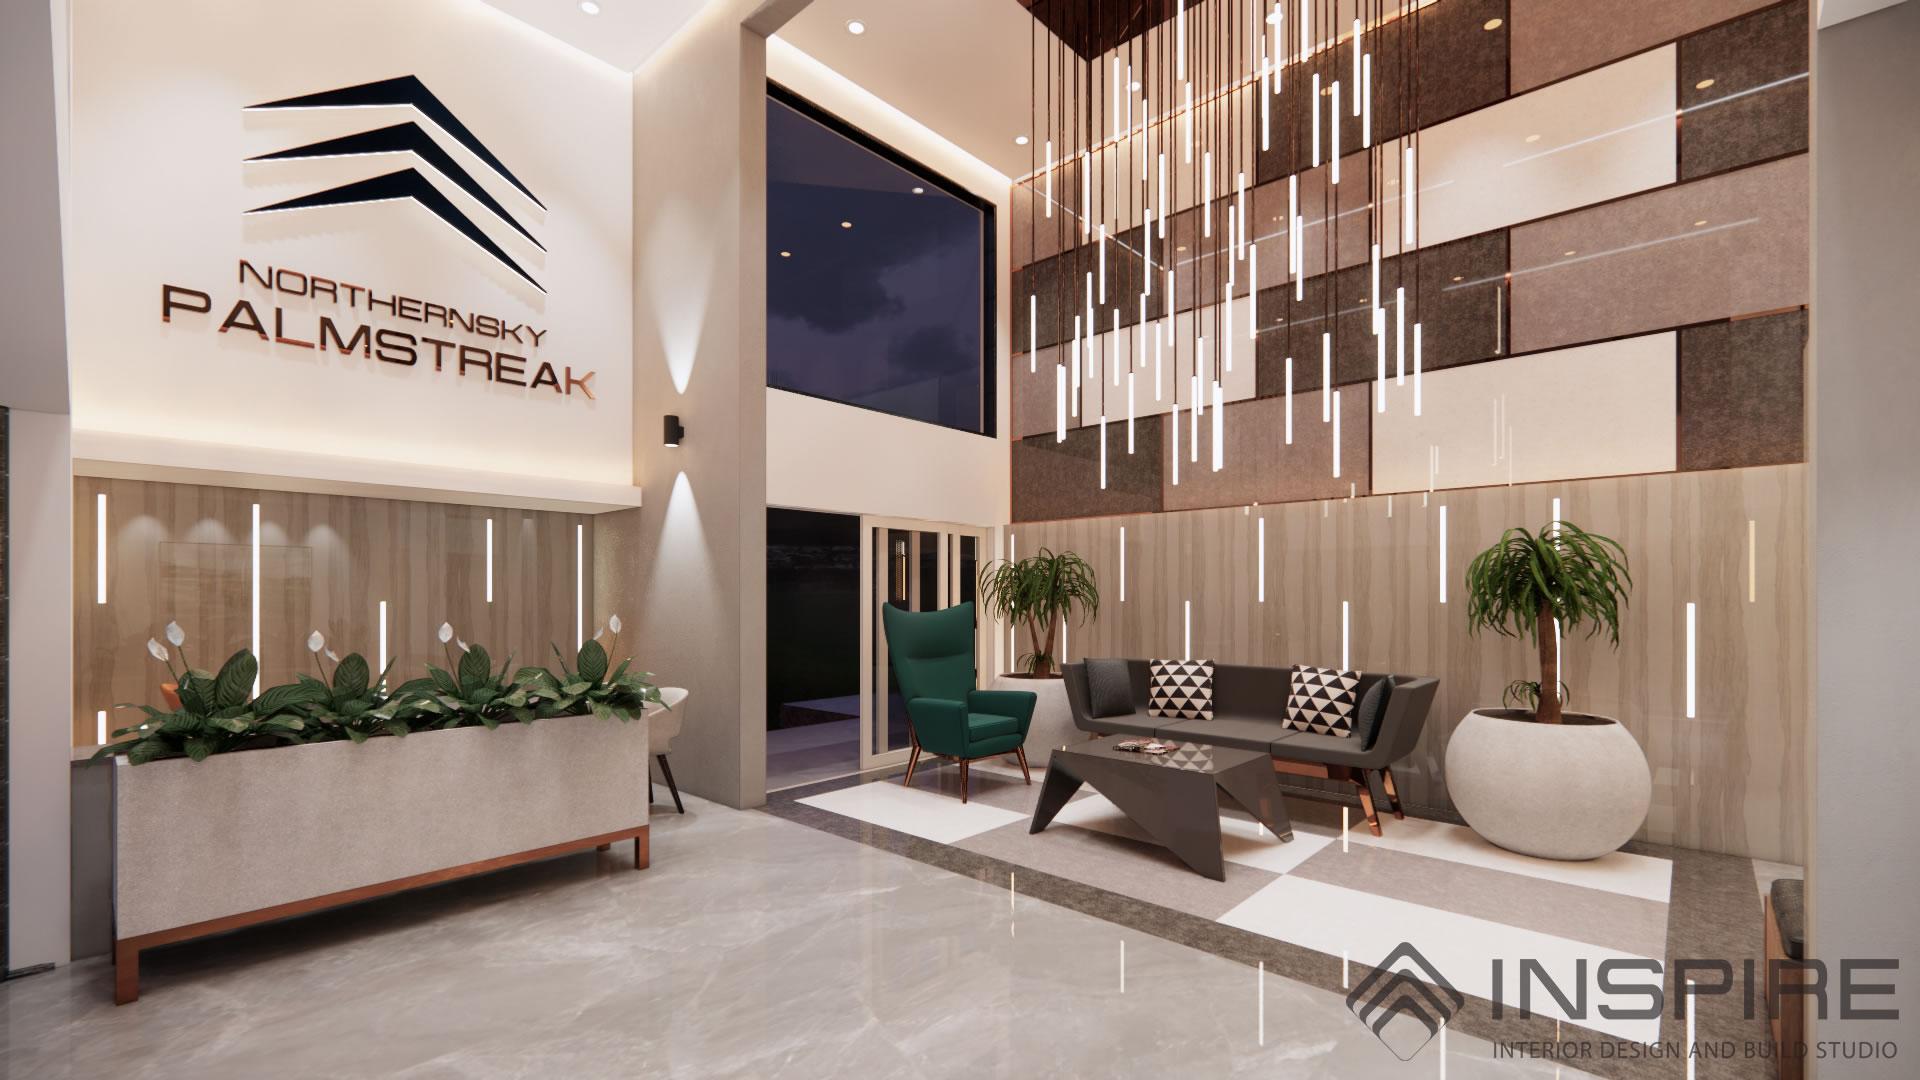 apartment_lobby_build_interior_design_1